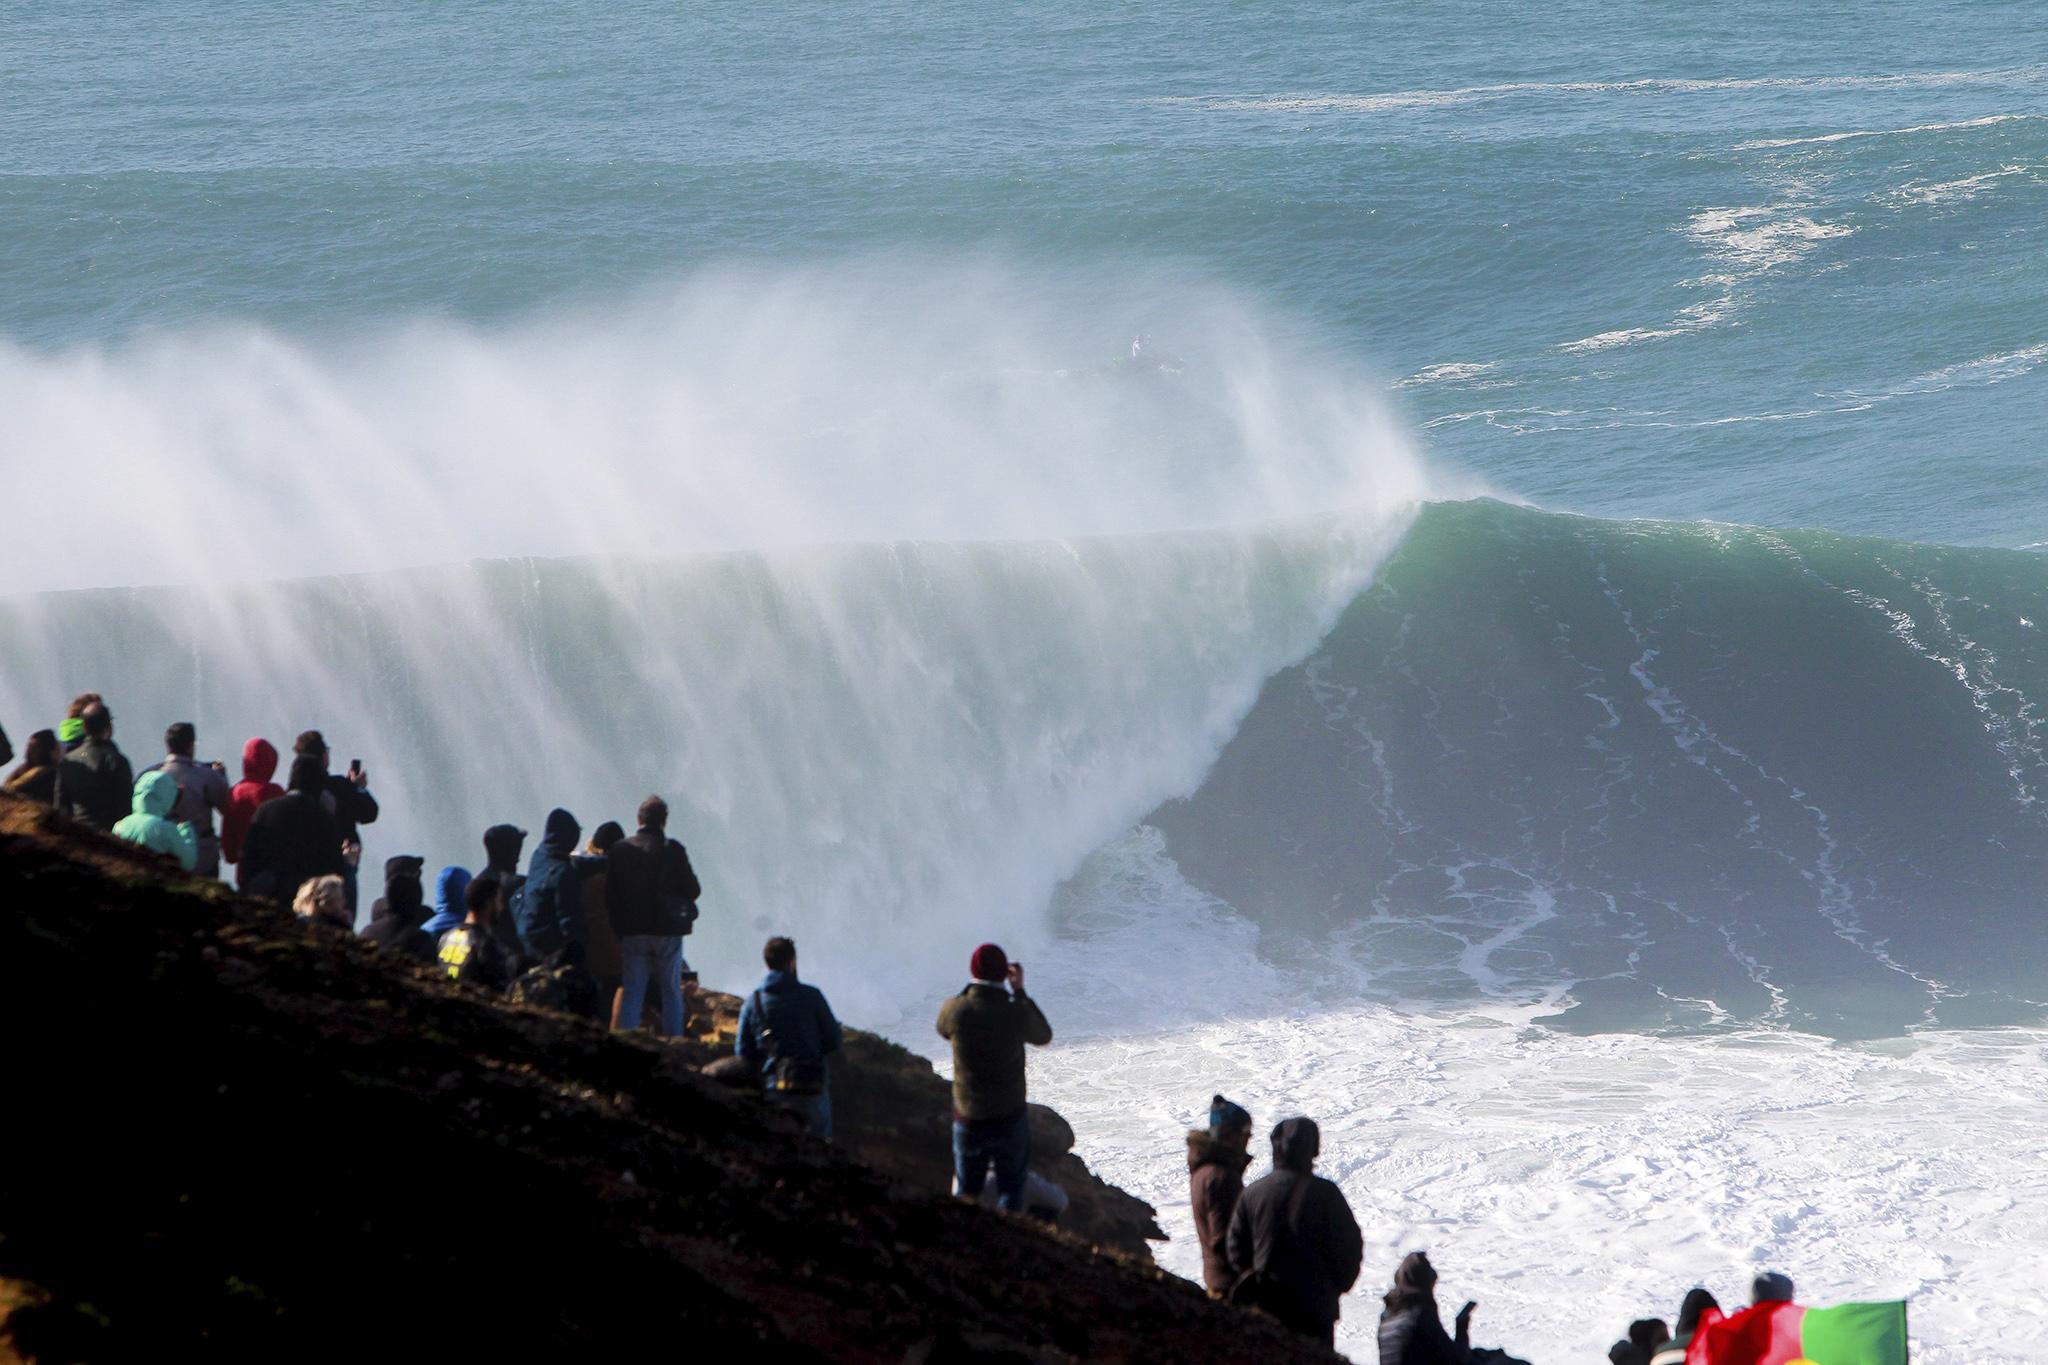 Valurile pot atinge o înălțime de 13-15 metri